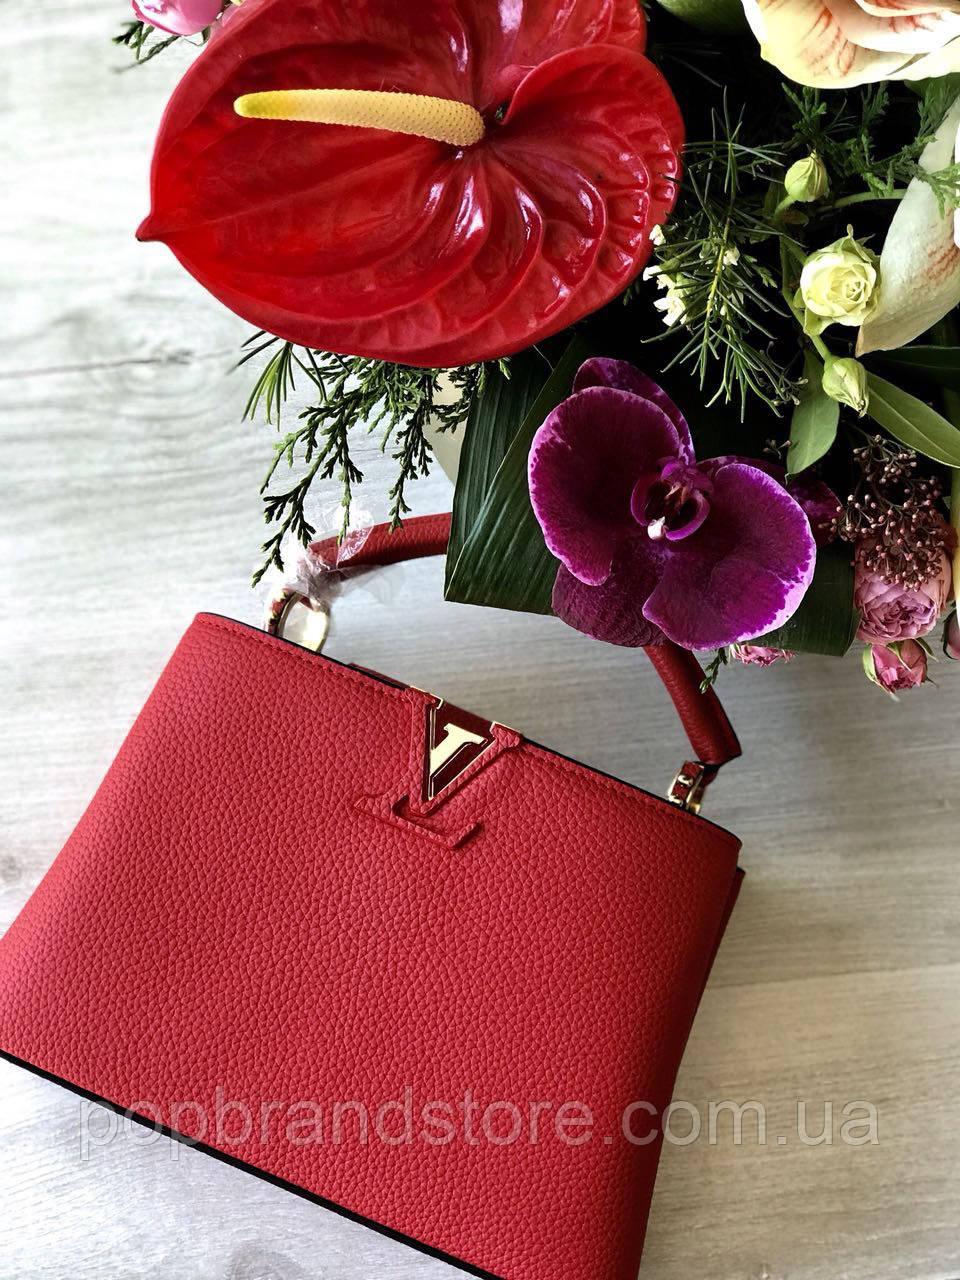 b25ea16fdc1f Модная женская сумка LOUIS VUITTON CAPUCINES 27 см натуральная кожа  (реплика)